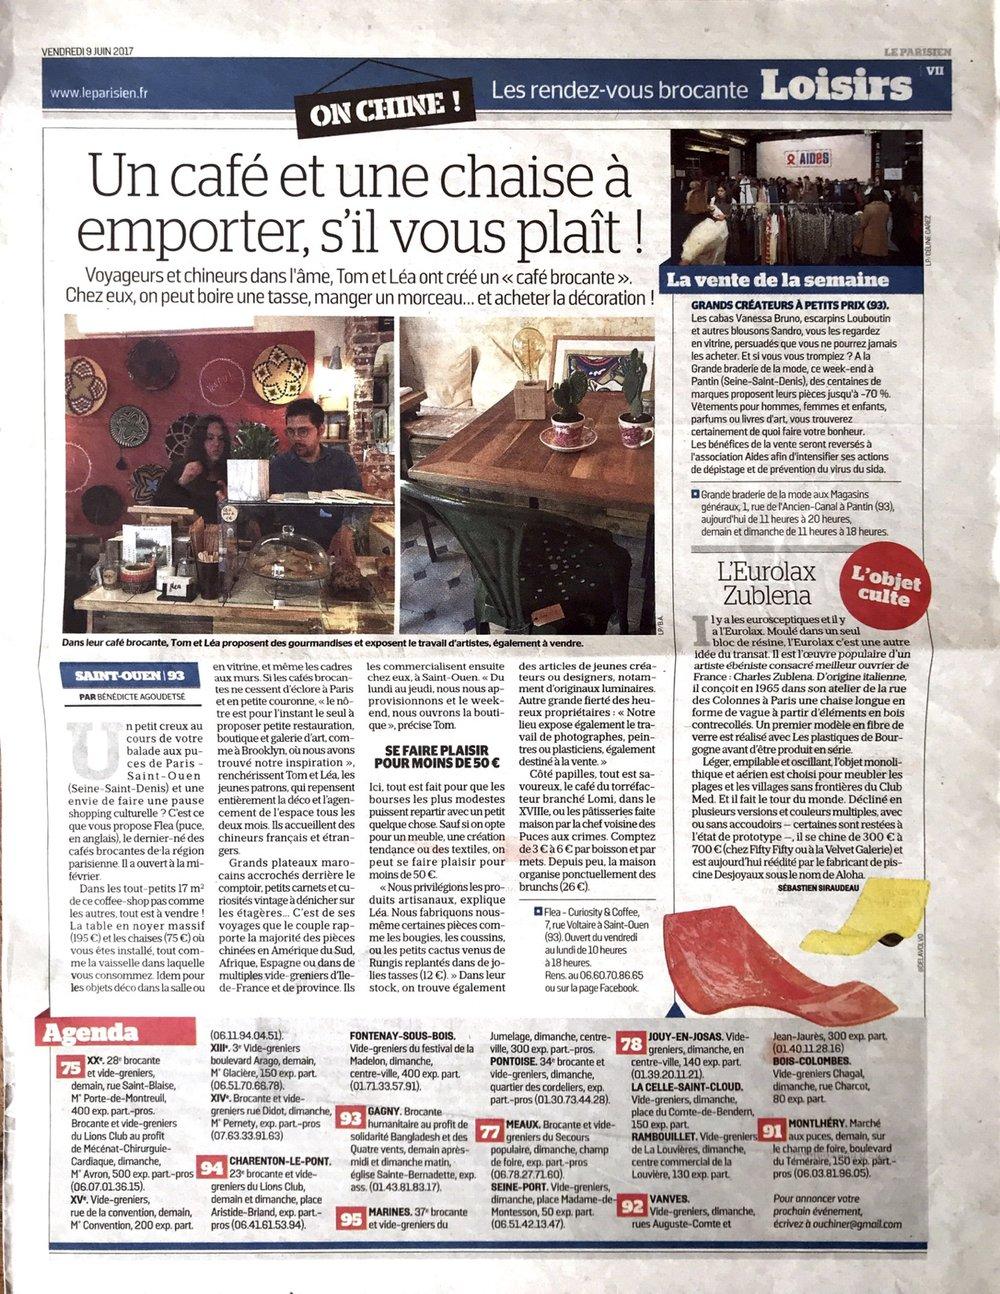 PARISIEN Article.jpg